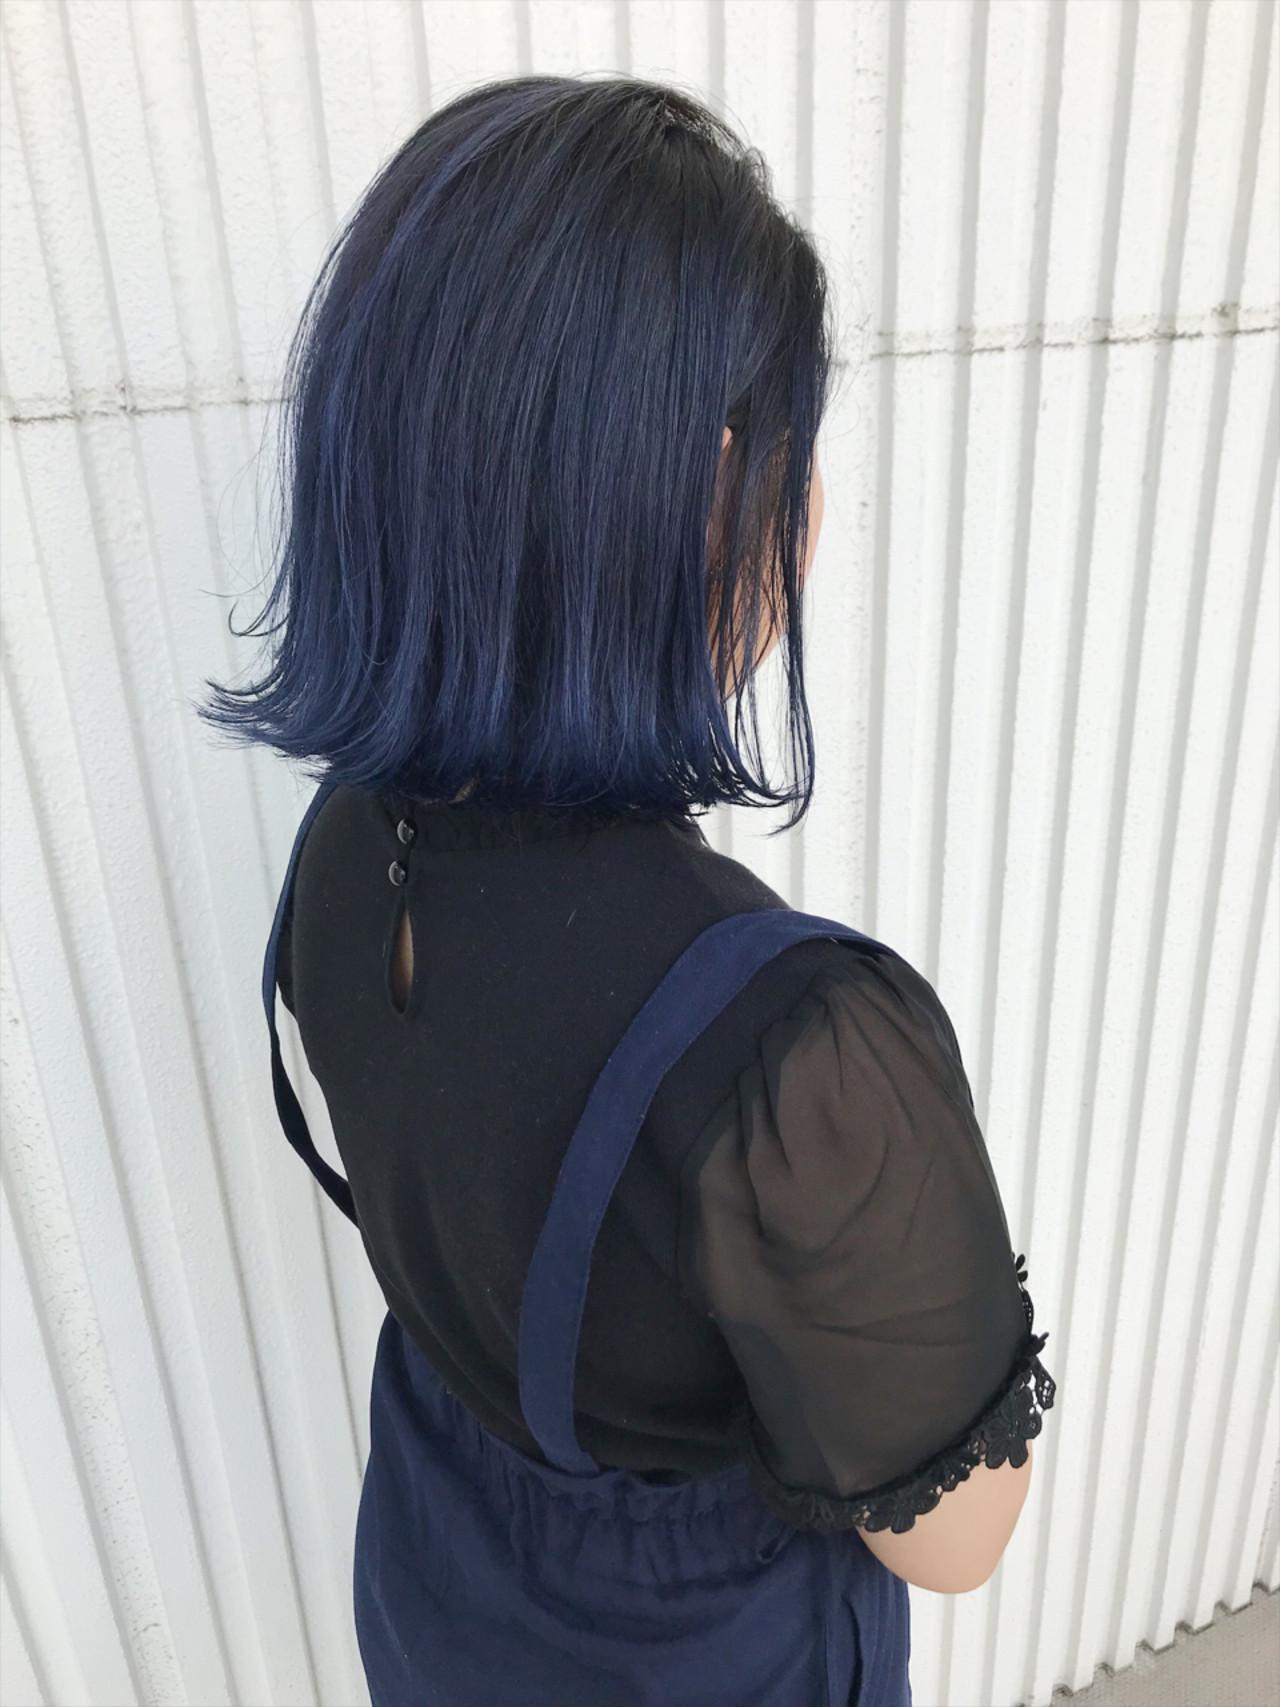 暗髪 ダブルカラー ブルー 切りっぱなし ヘアスタイルや髪型の写真・画像 | kuranico / LORE hair salon